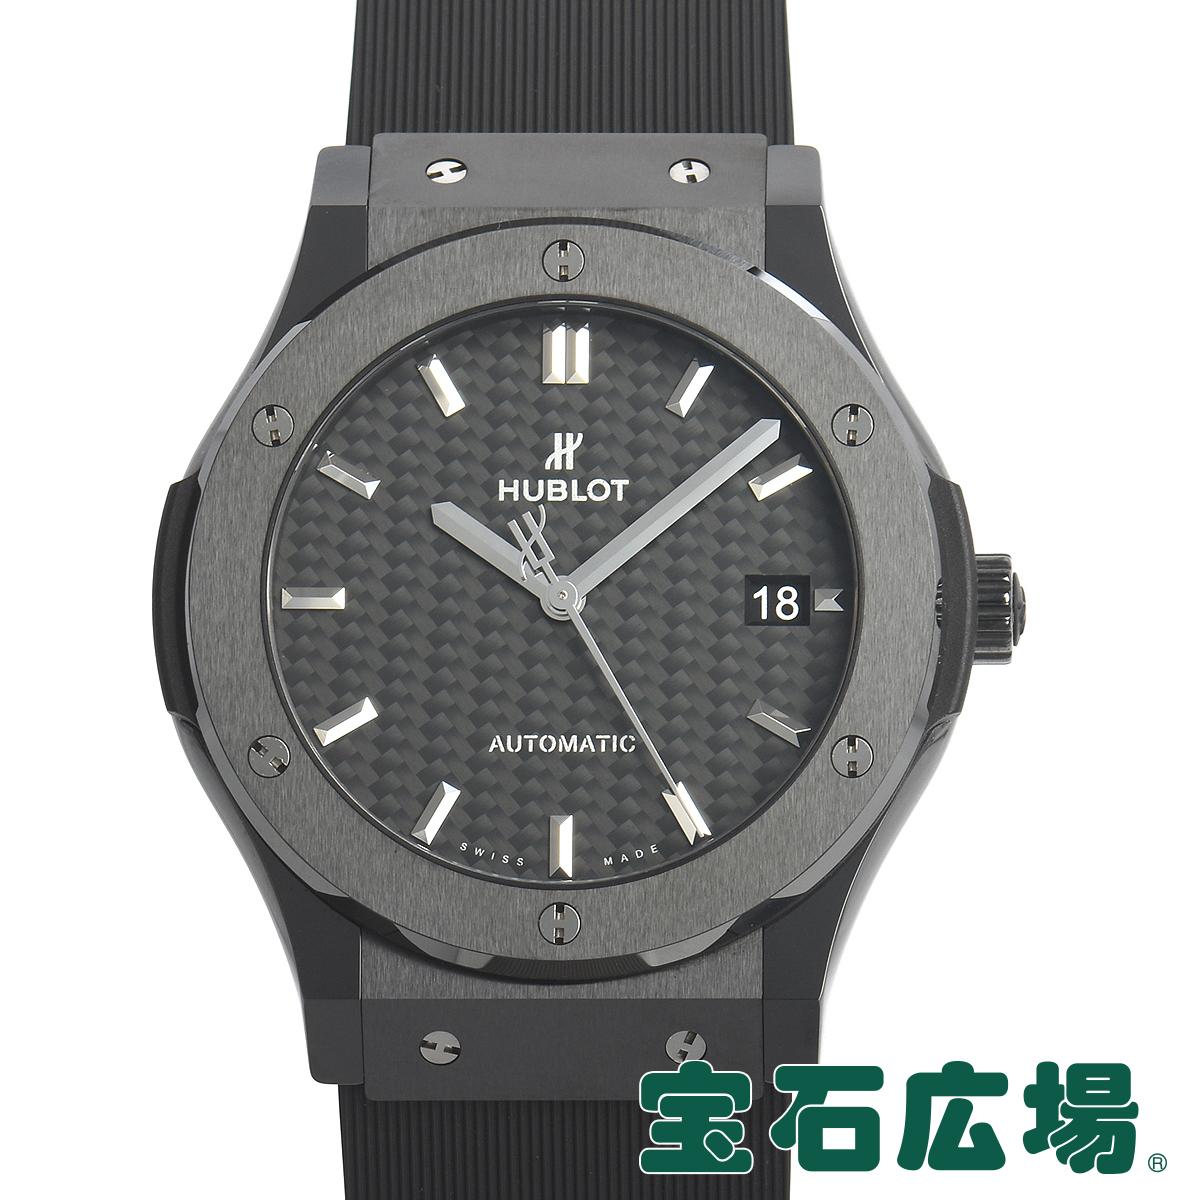 ウブロ HUBLOT クラシックフュージョン ブラックマジック セラミック45mm 511.CM.1771.RX【中古】メンズ 腕時計 送料・代引手数料無料